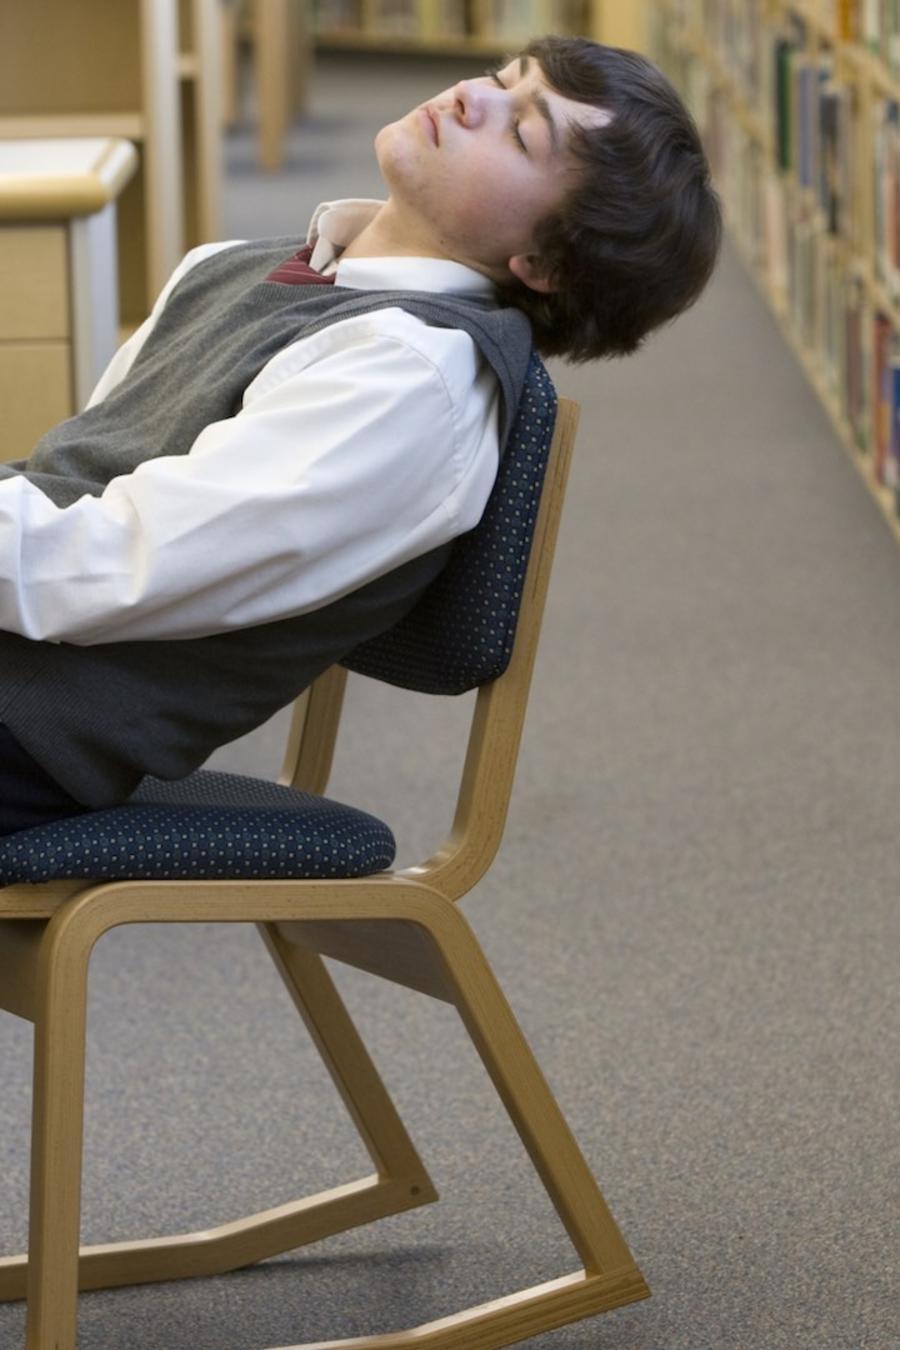 Adolescente durmiendo en biblioteca